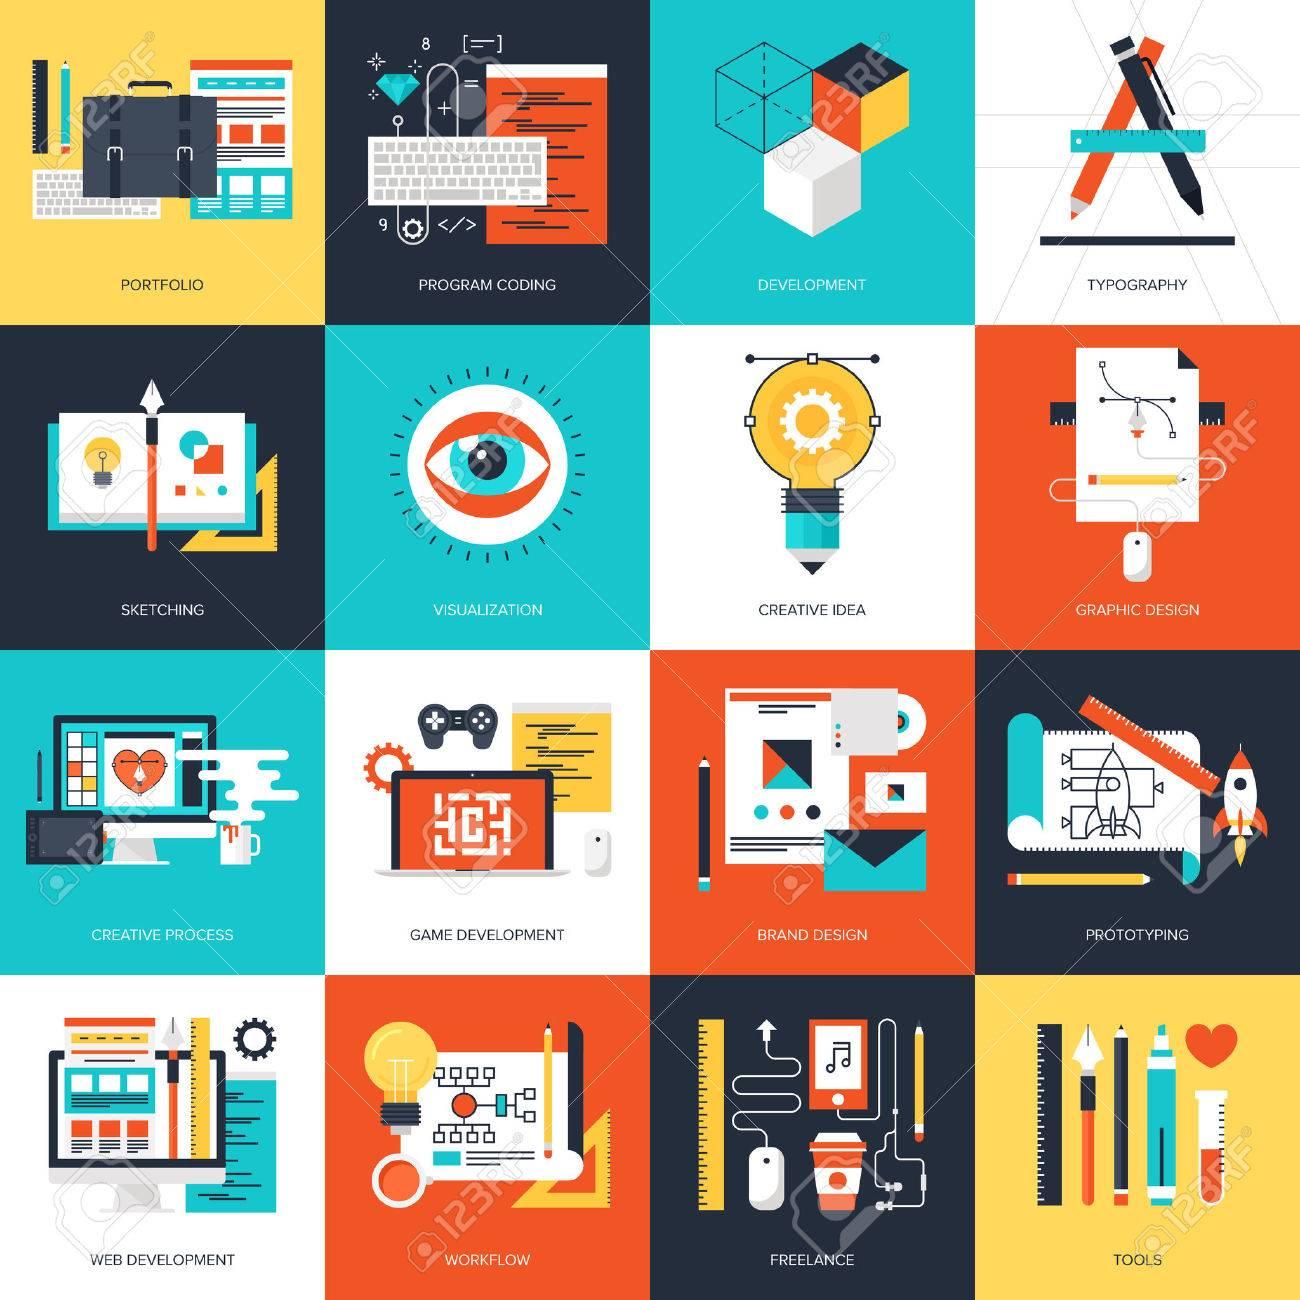 Organizzazione aziendale: perché è importante avere un software gestionale